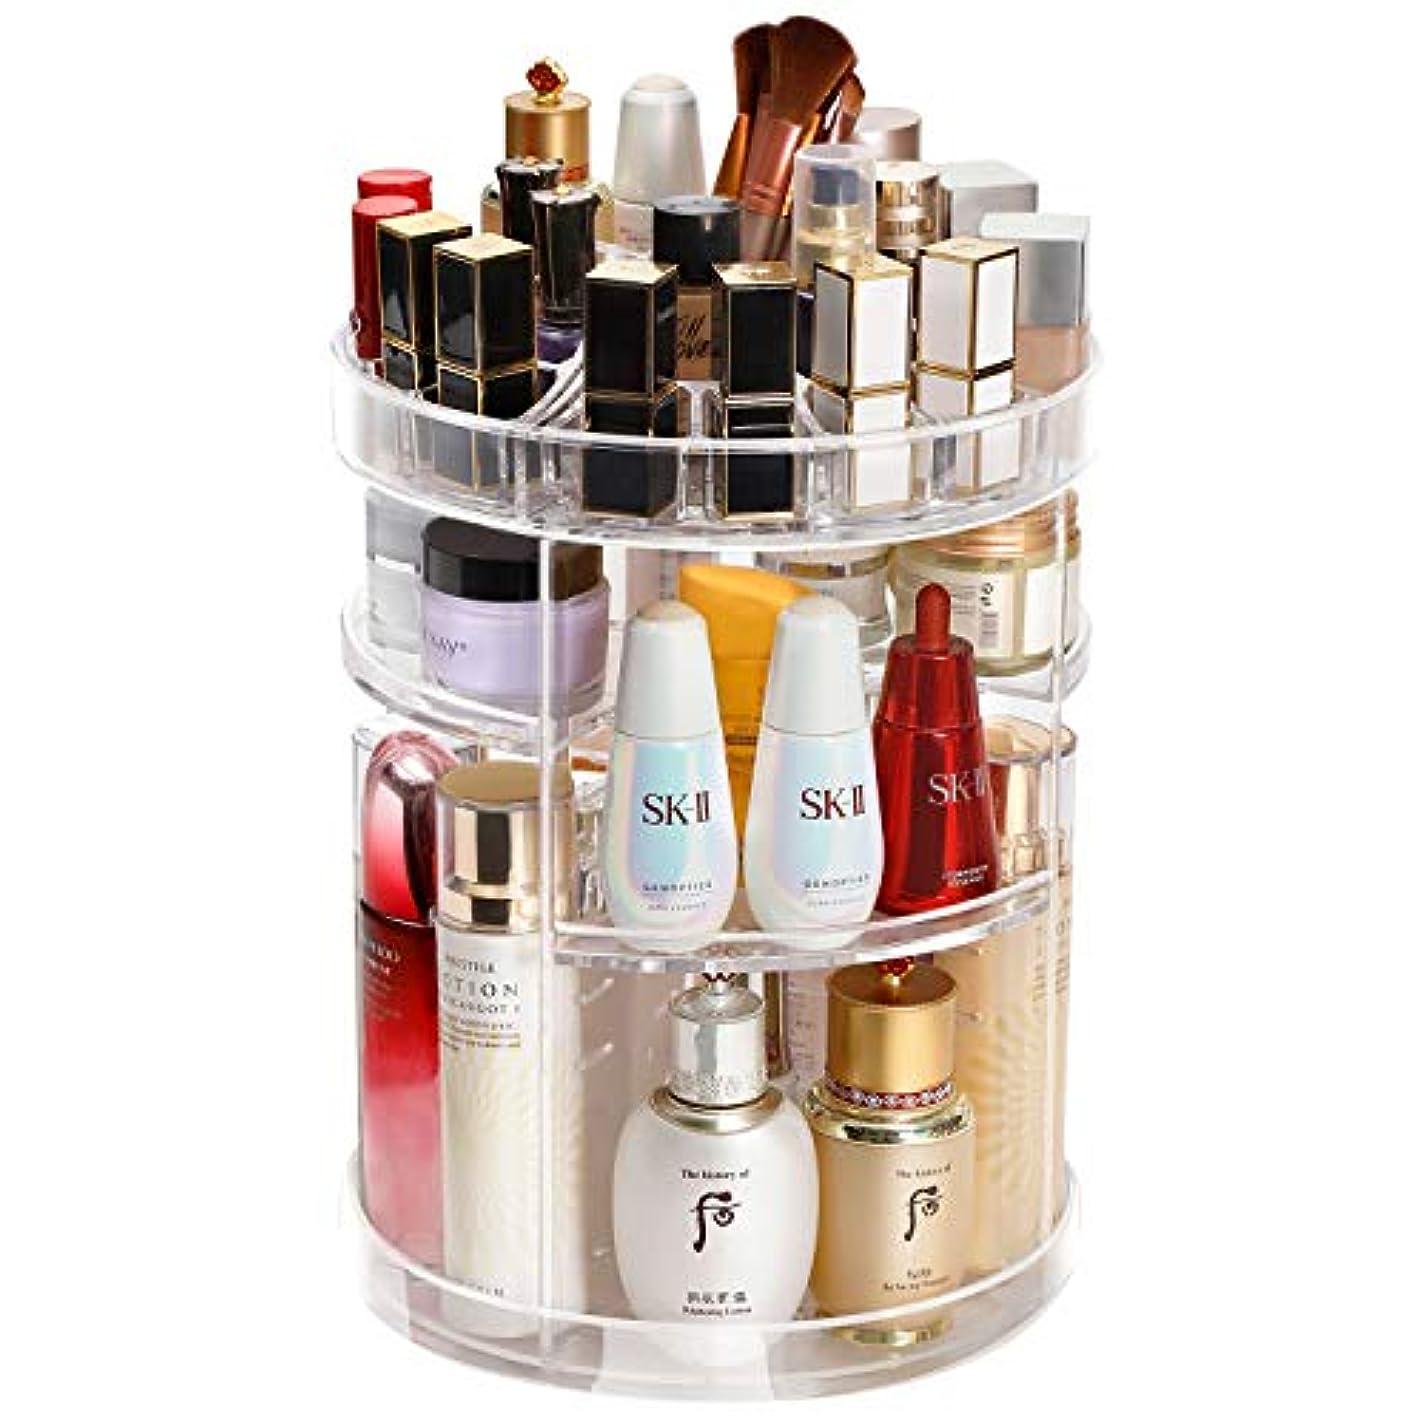 父方の聴く繰り返した化粧品収納ボックス 大容量 360°回転可能 収納ボックス 耐久性 透明 口紅 コスメ 小物収納 アクリルケース